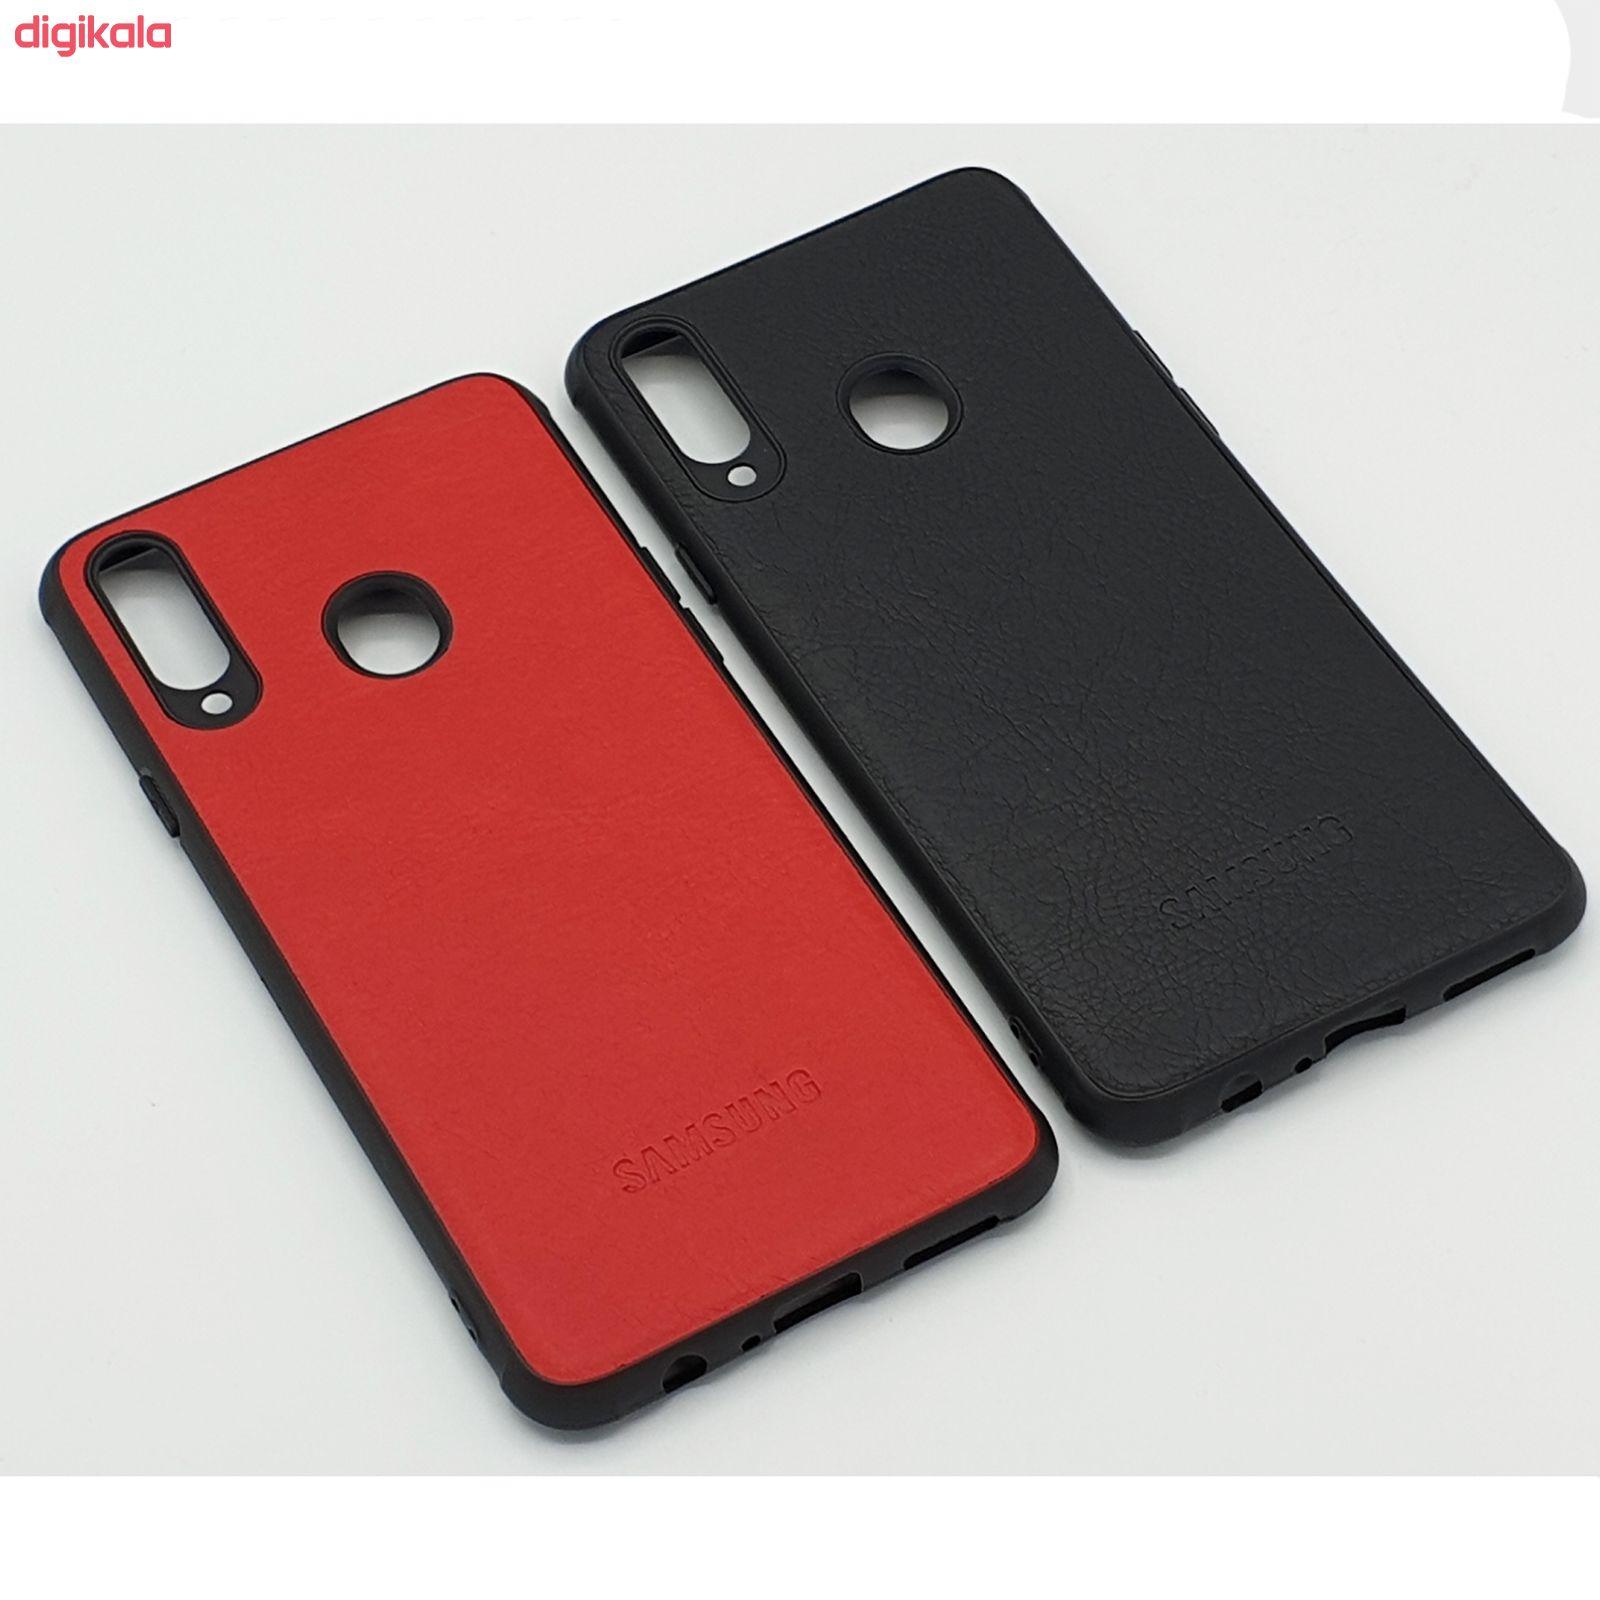 کاور مانوس مدل SA-L2 مناسب برای گوشی موبایل سامسونگ Galaxy A20s main 1 5